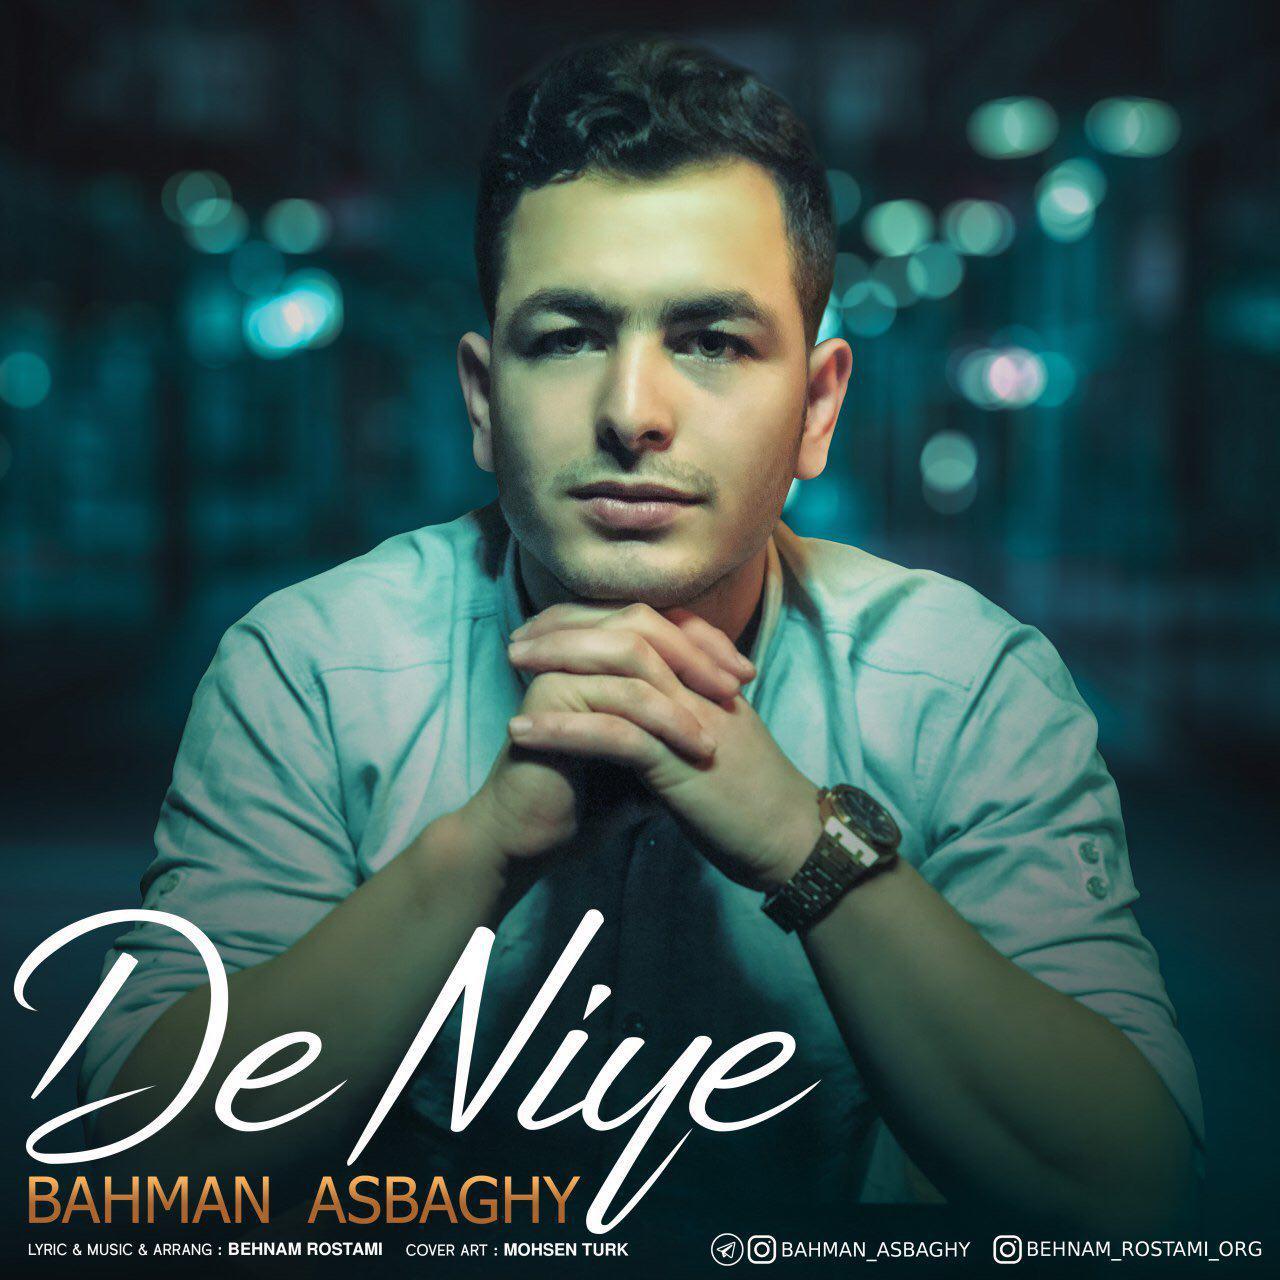 http://birtunes.ir/wp-content/uploads/2018/10/Bahman-Asbaghi-De-Niya.jpg